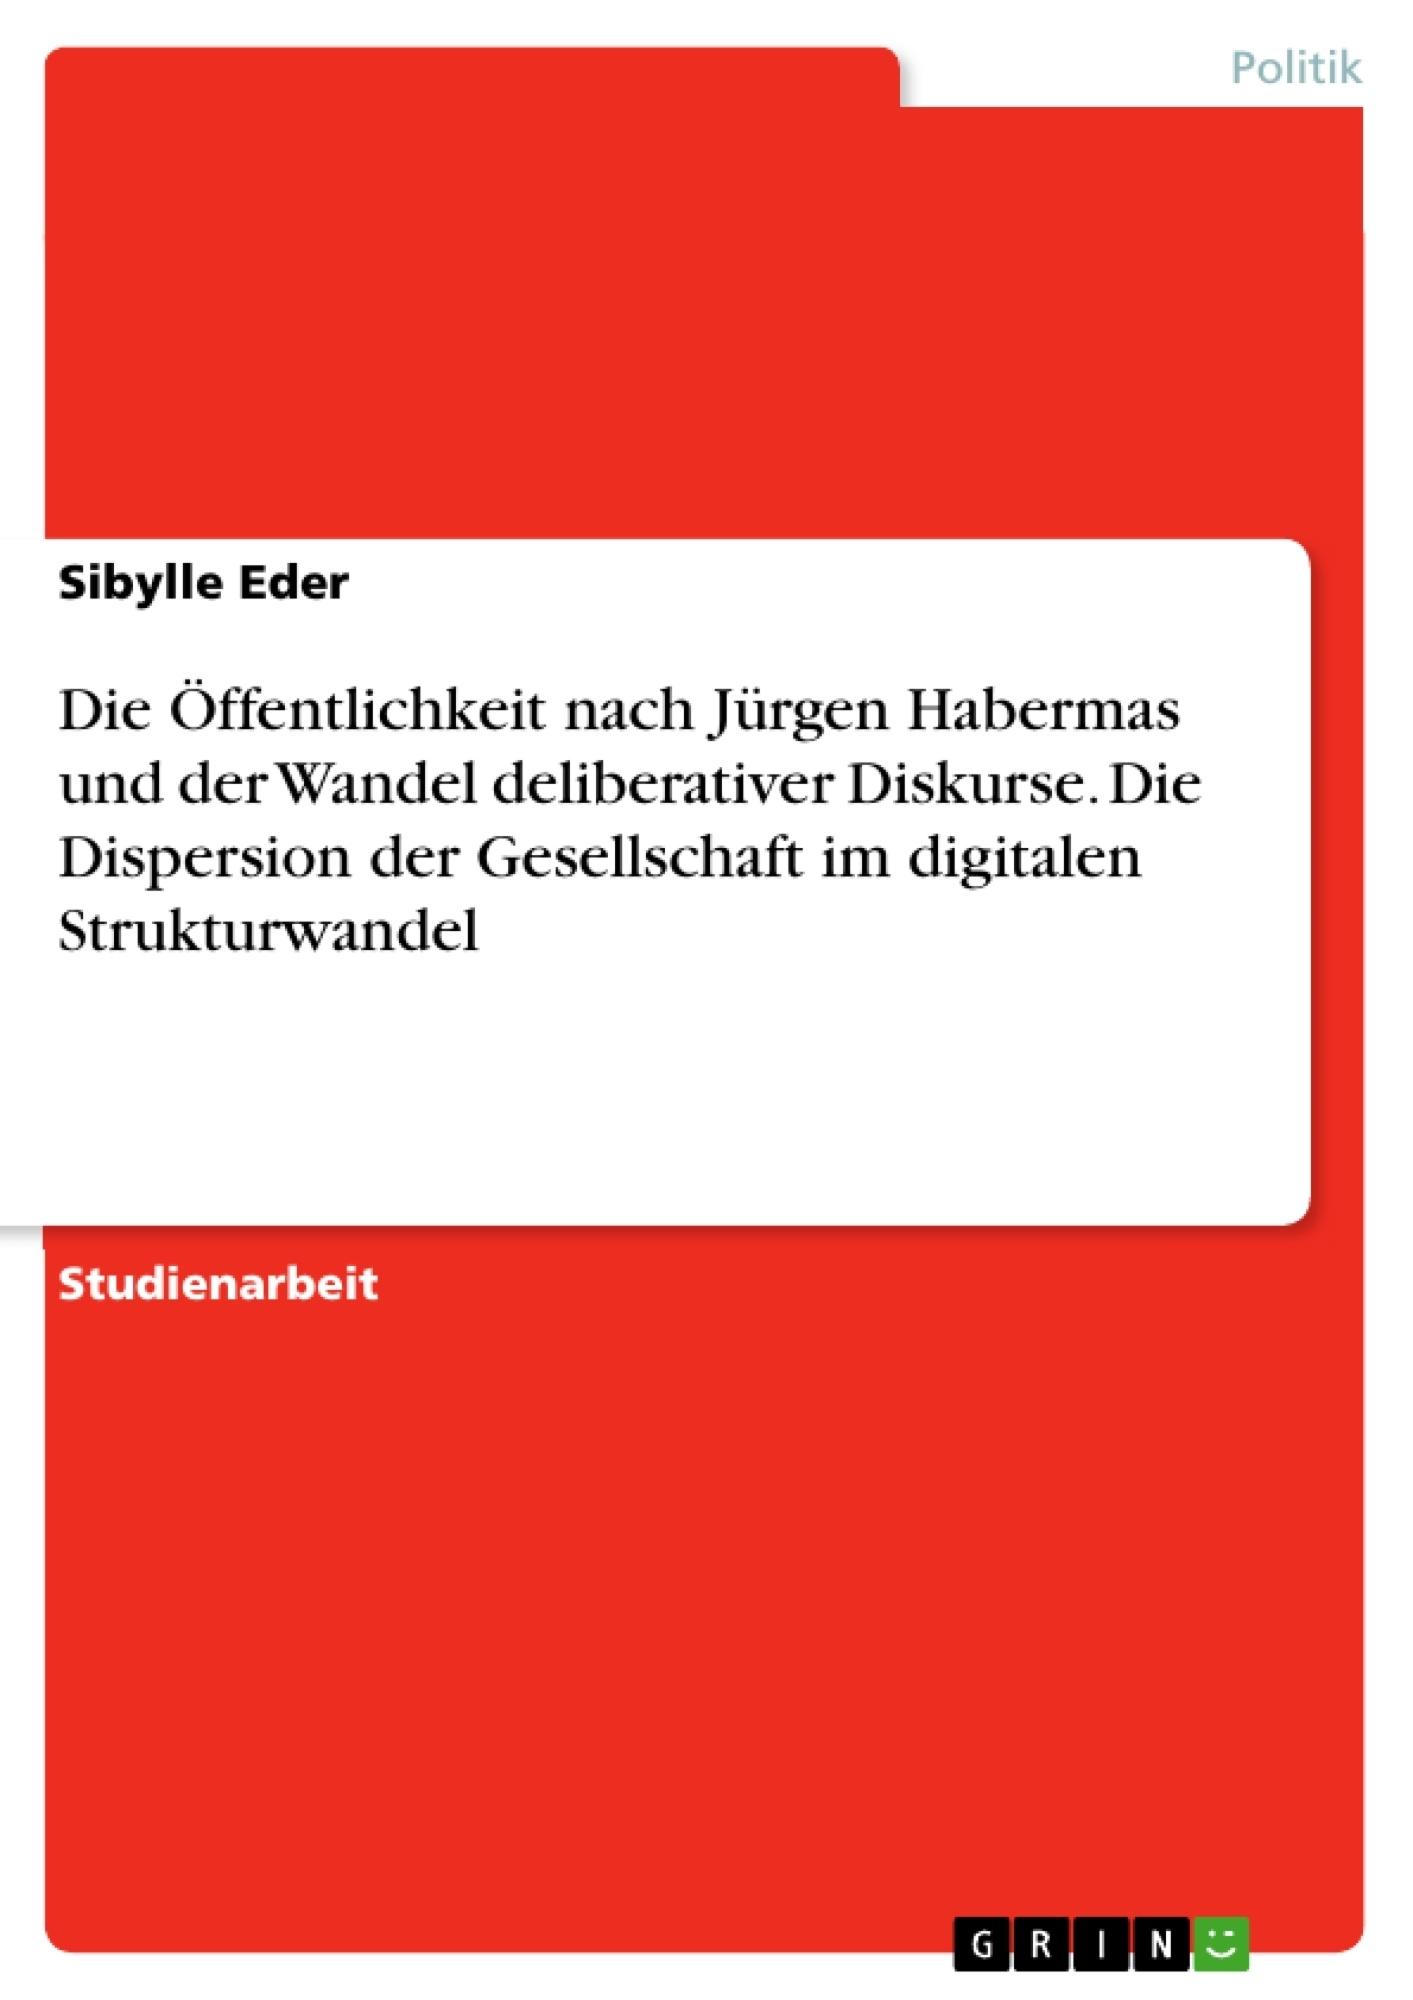 Titel: Die Öffentlichkeit nach Jürgen Habermas und der Wandel deliberativer Diskurse. Die Dispersion der Gesellschaft im digitalen Strukturwandel